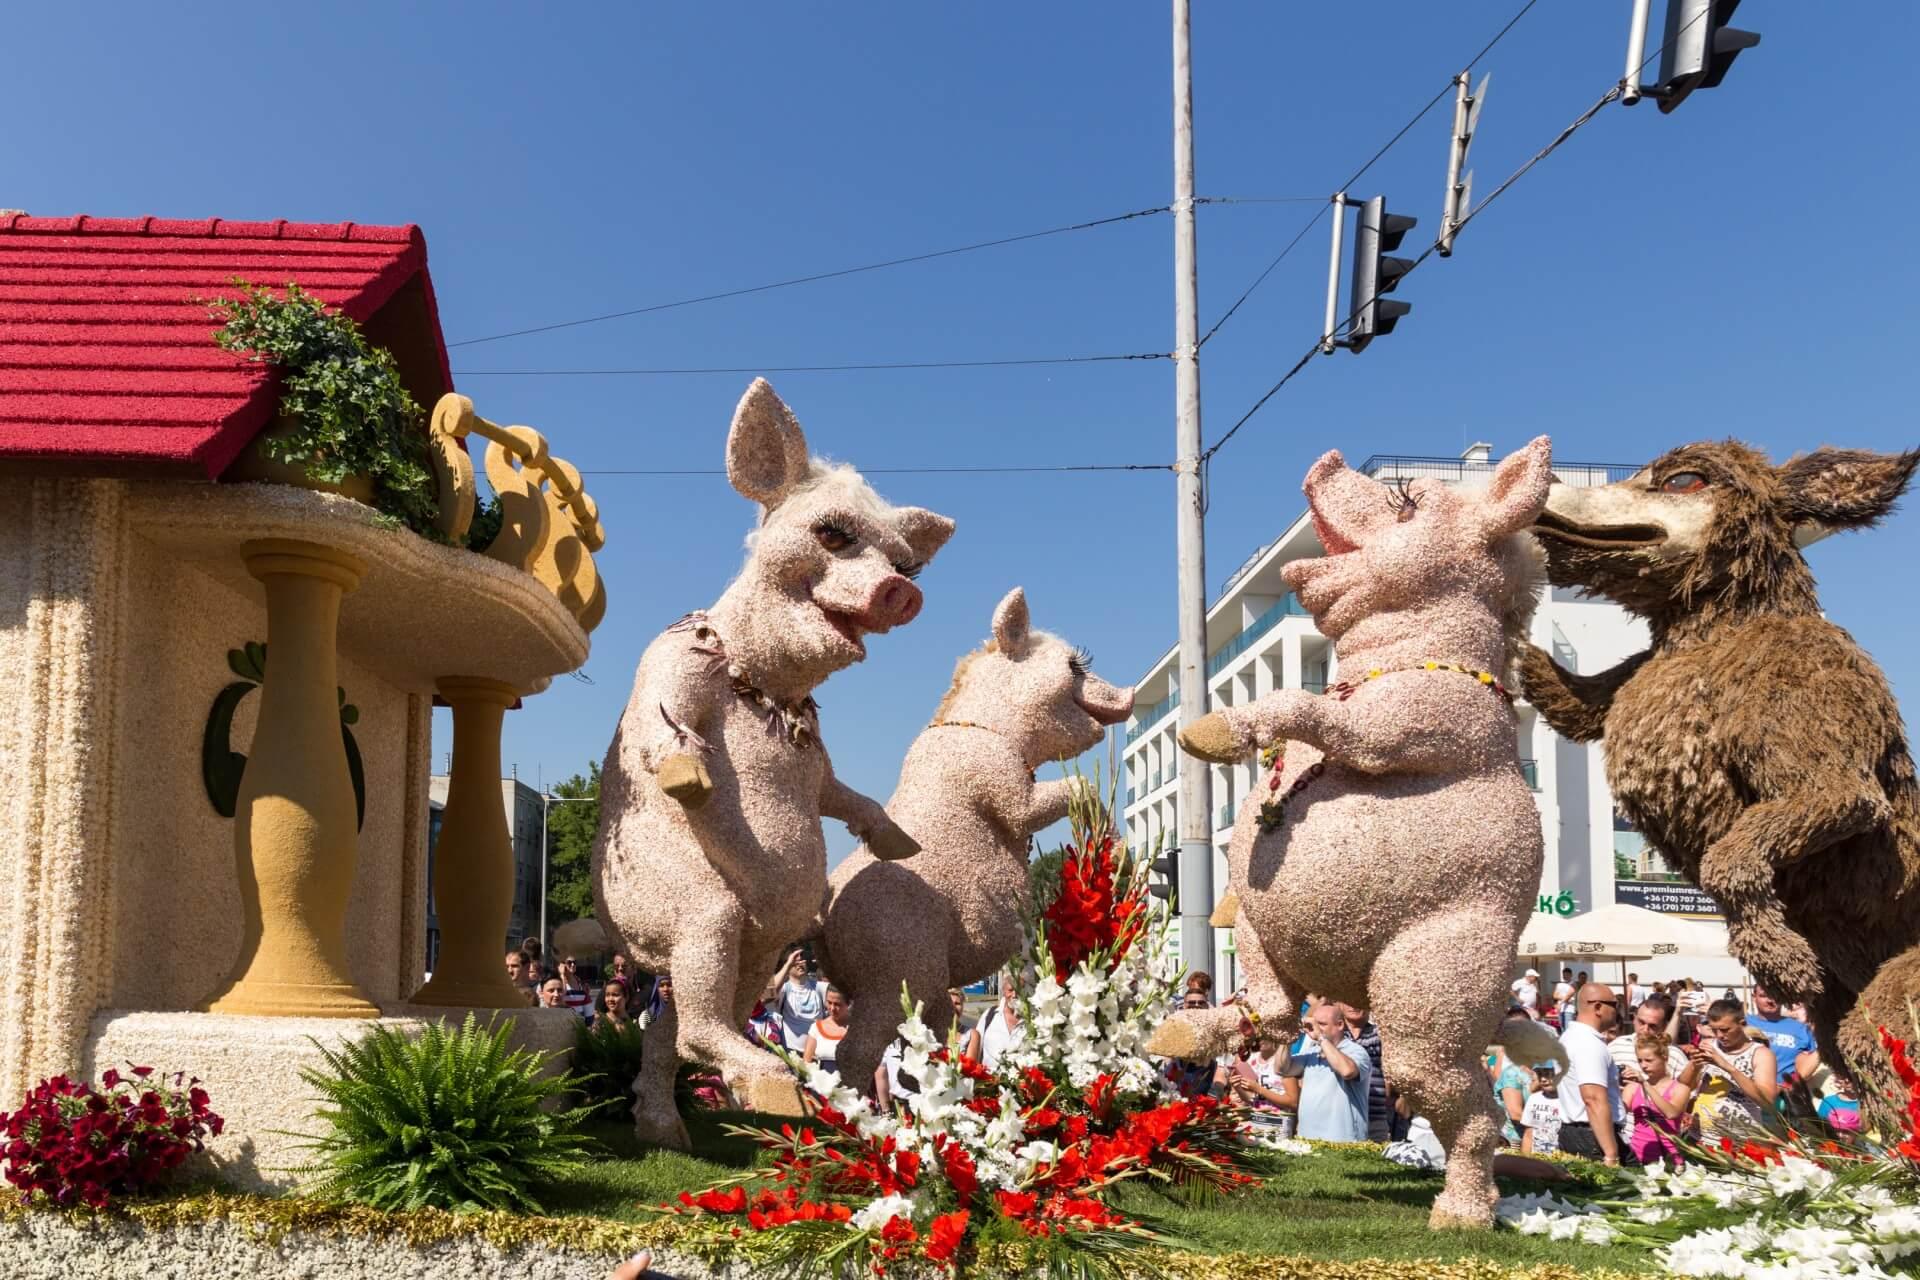 Blumenkarneval Debrecen, Wolf & Geisslein